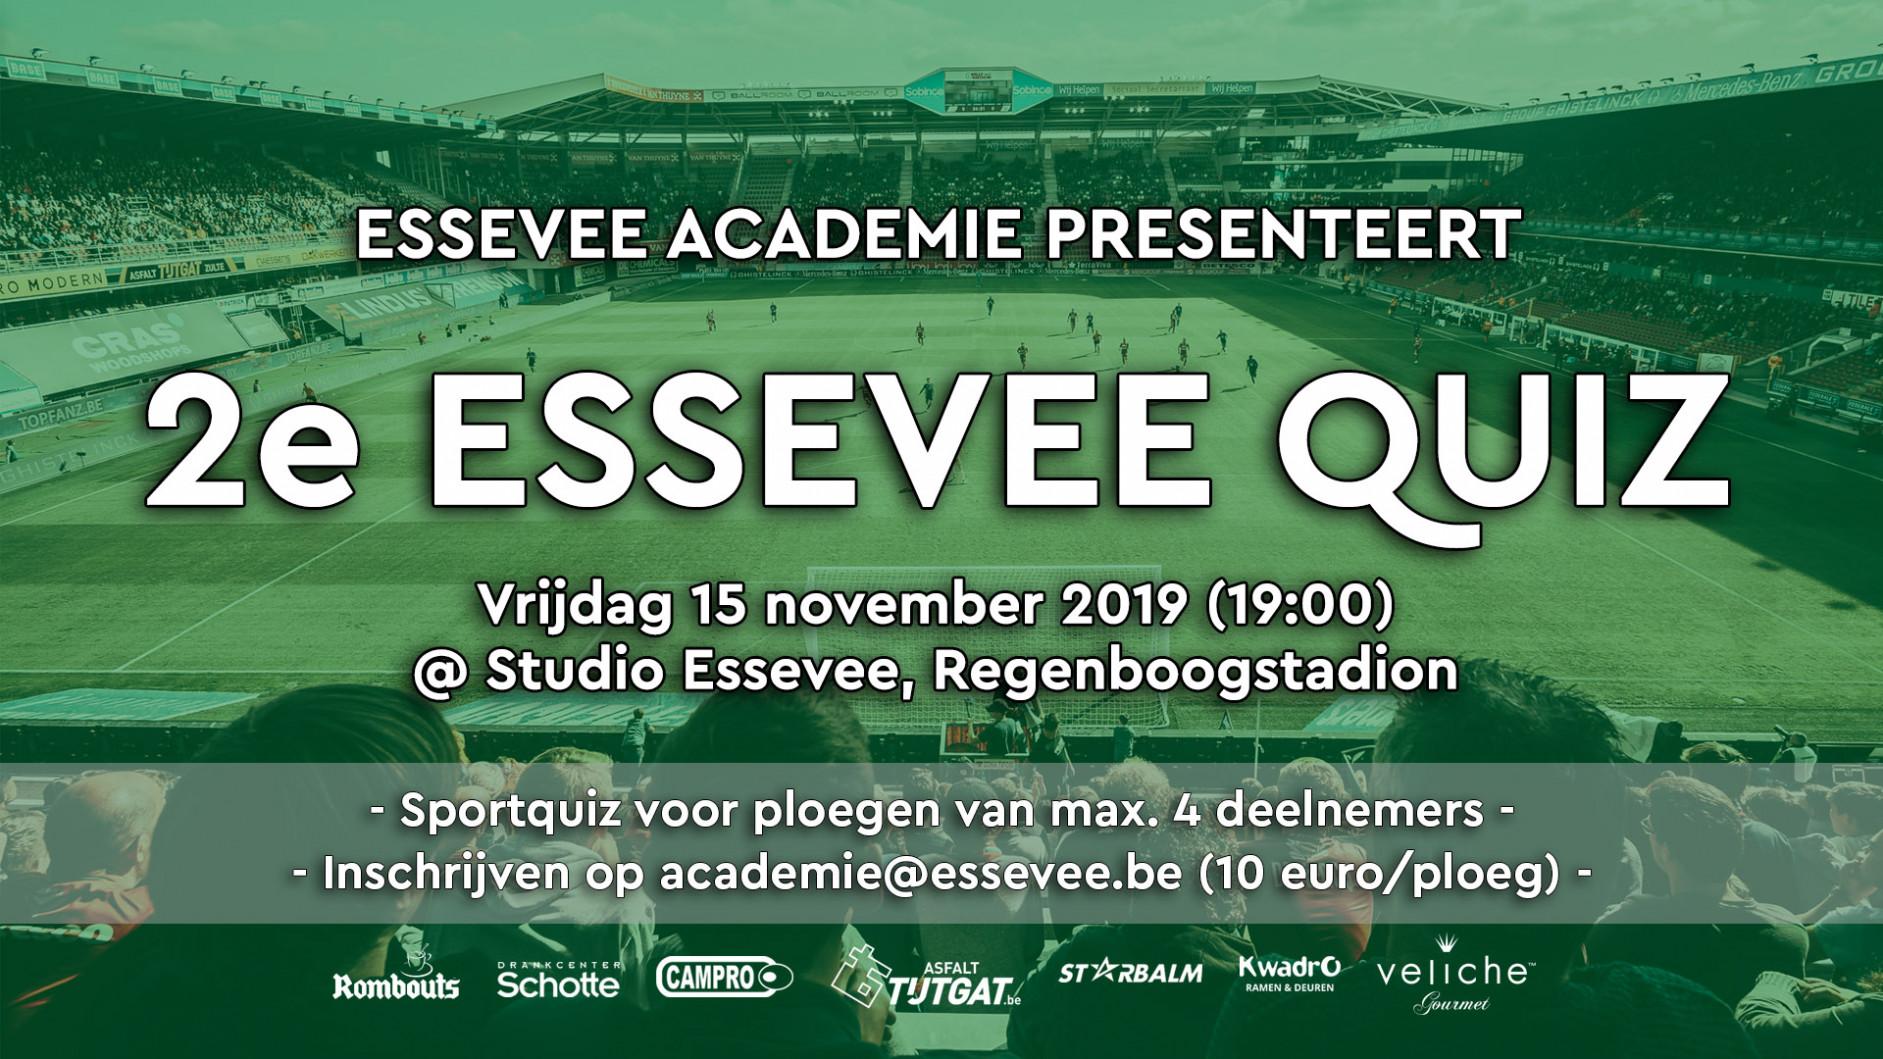 Eventbanner-EsseveeQuiz2019-met partners